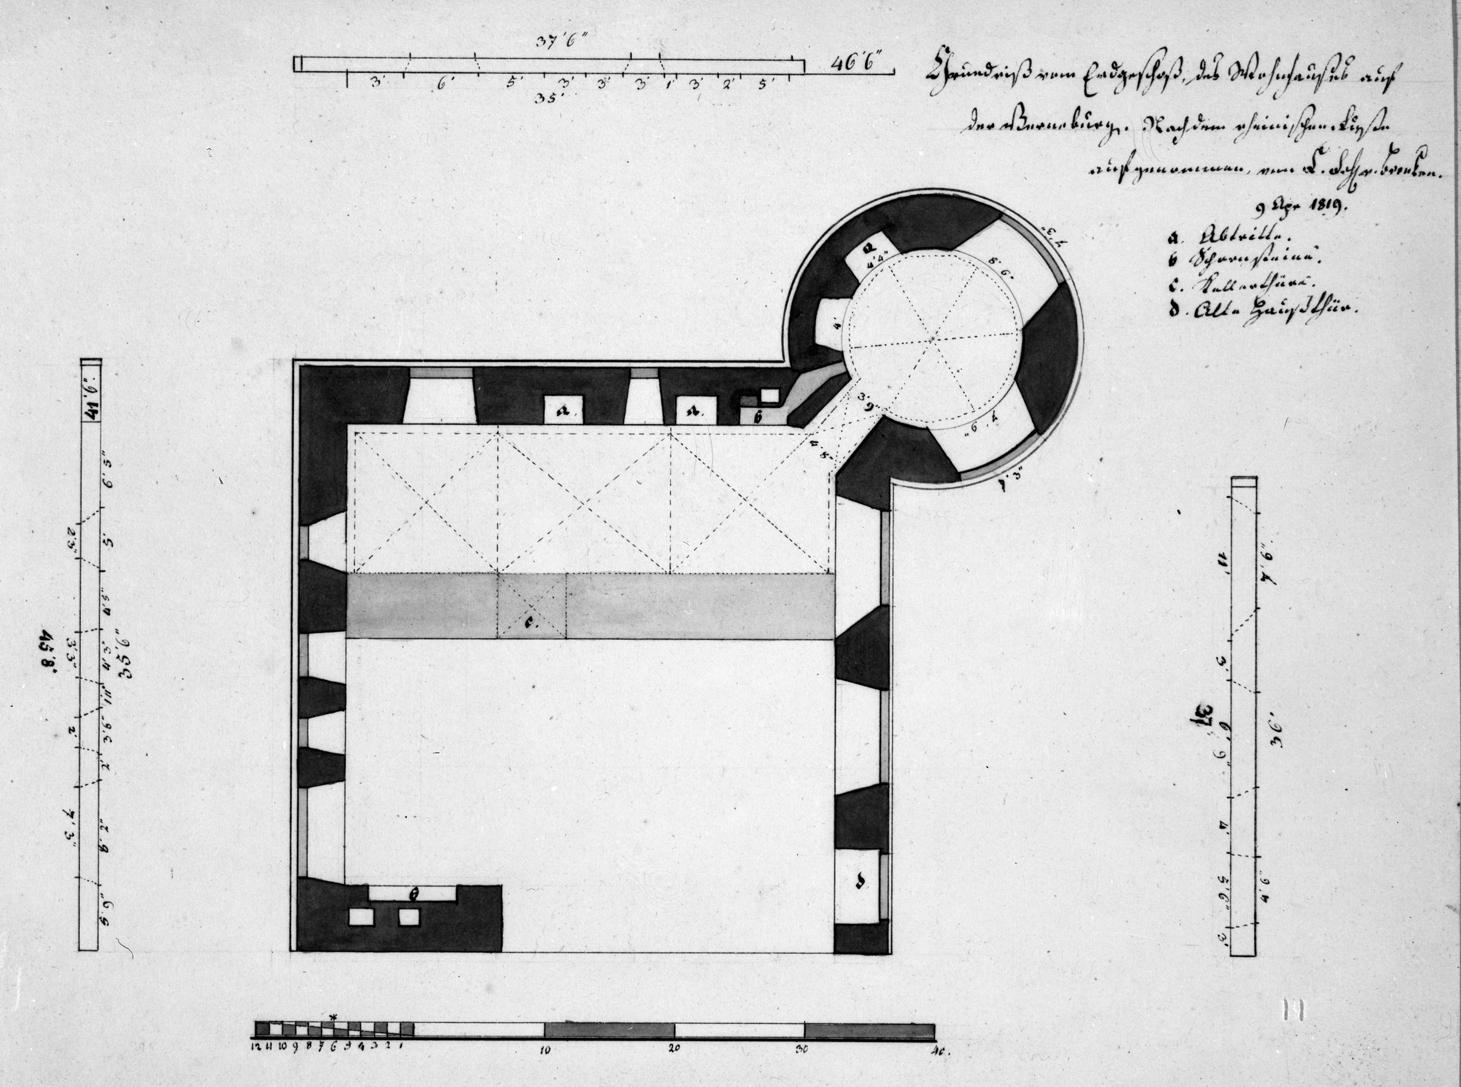 Grundriß vom Erdgeschoß des Wohnhauses auf der Vernaburg. Nach dem rheinischen Fusse aufgenommen von F.Frhr.v.Brenken 9. April 1819 Feder, grau laviert, 22,9 x 32 Zwei Transversalmaßstäbe = 9,9 und 11,8 cm Maßstab von 40 Fuss = 10,3 cm Einige Beischriften. (LWL-Münster 80/3004)